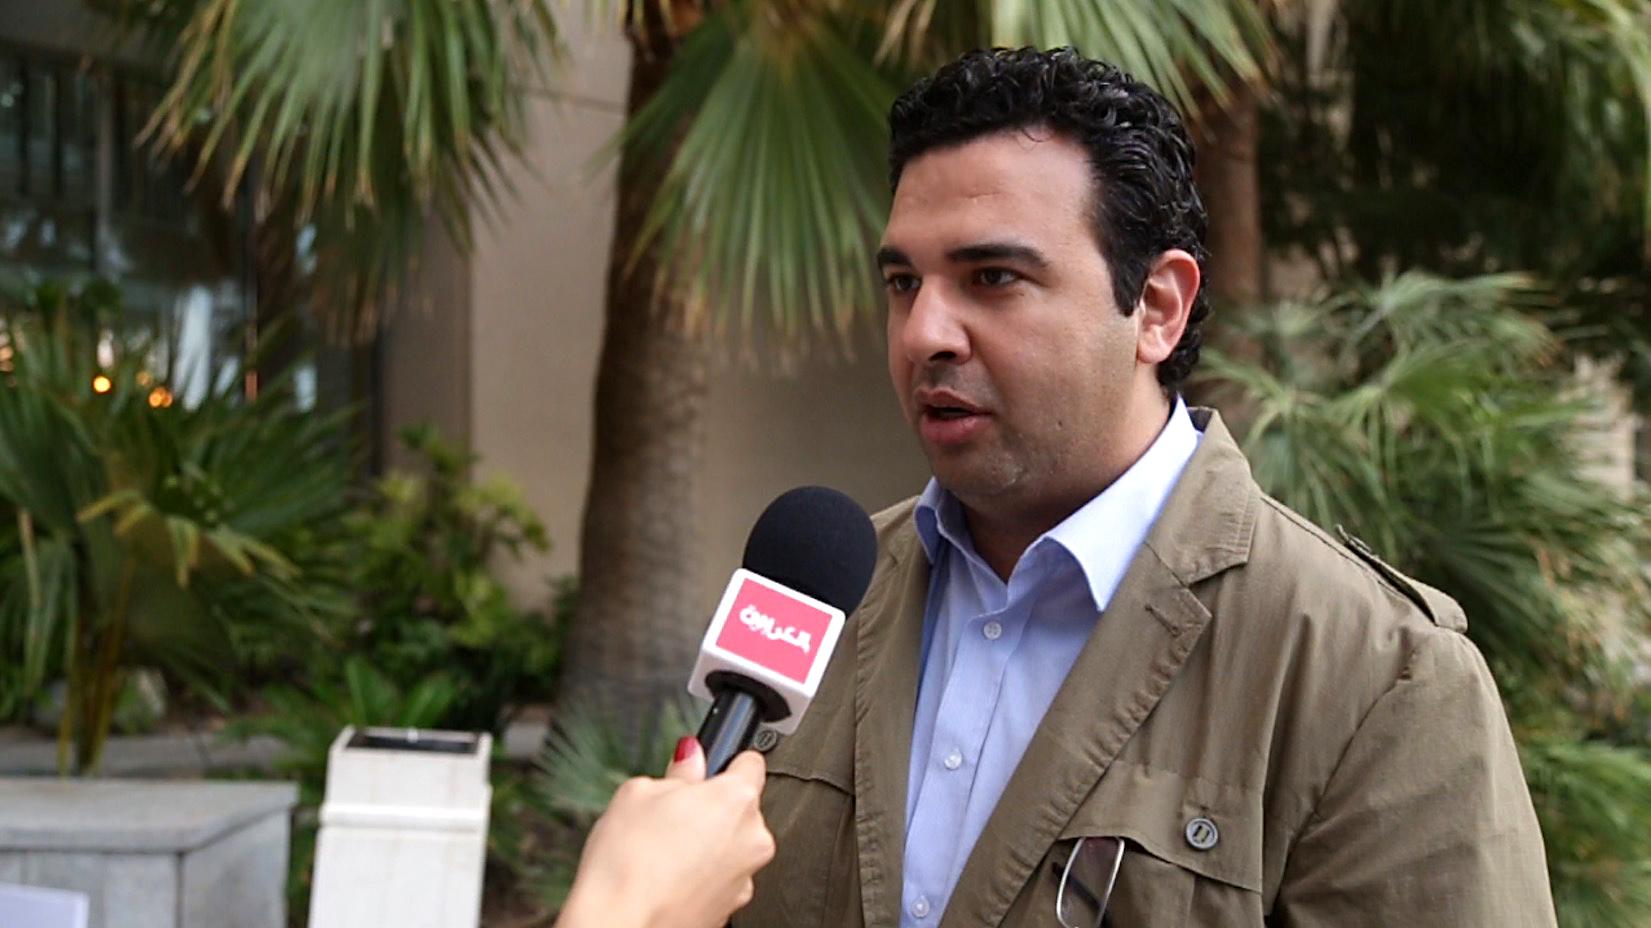 العالم المصري عصام حجي لـ CNN: نحن شعب له جيش وليس العكس.. والمعونة الأمريكية لمصر يجب استثمارها بالتعليم